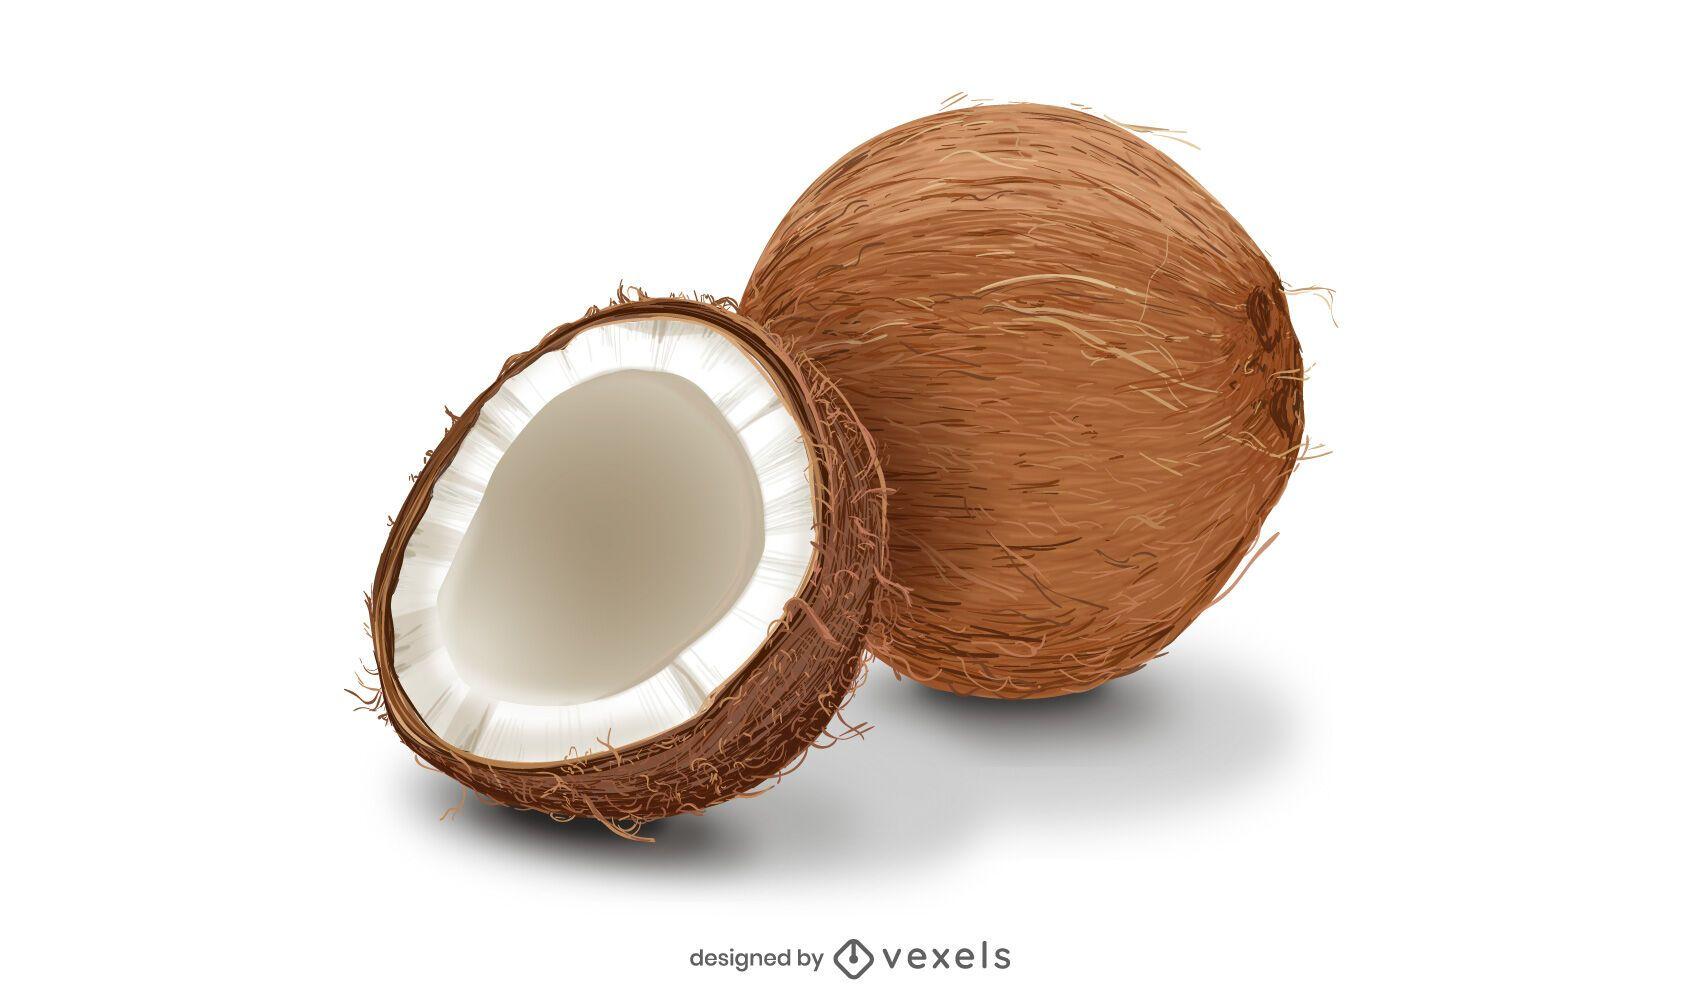 Realistic Coconut Design